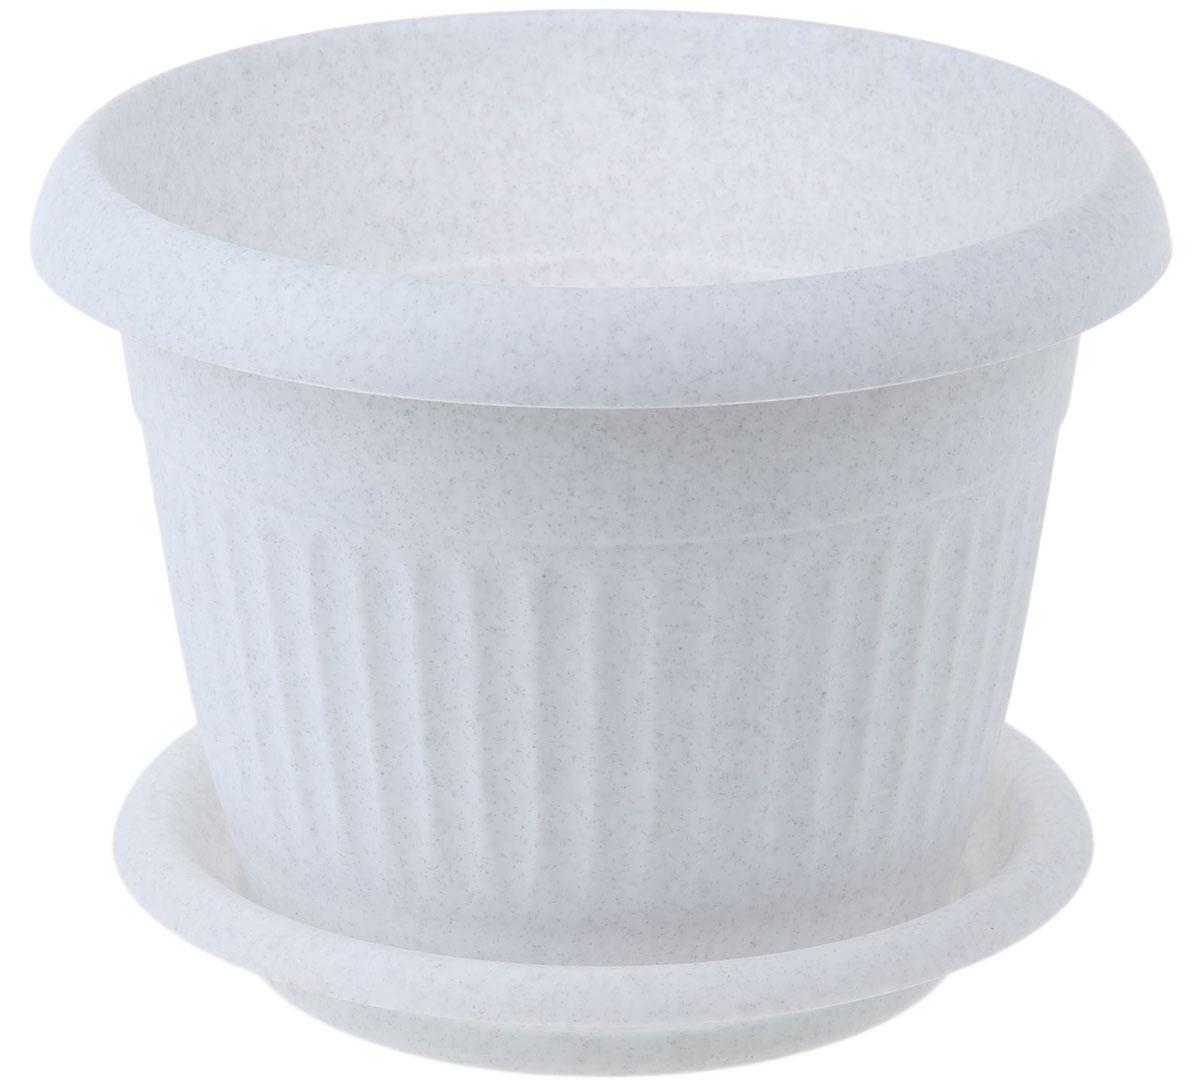 Кашпо Idea Ливия, с поддоном, цвет: мраморный, 11 лB-0304Кашпо Idea Ливия изготовлено из прочного полипропилена (пластика) и предназначено для выращивания растений, цветов и трав в домашних условиях. Круглый поддон обеспечивает сток воды. Такое кашпо порадует вас функциональностью, а благодаря лаконичному дизайну впишется в любой интерьер помещения. Диаметр кашпо по верхнему краю: 32 см. Объем кашпо: 11 л.